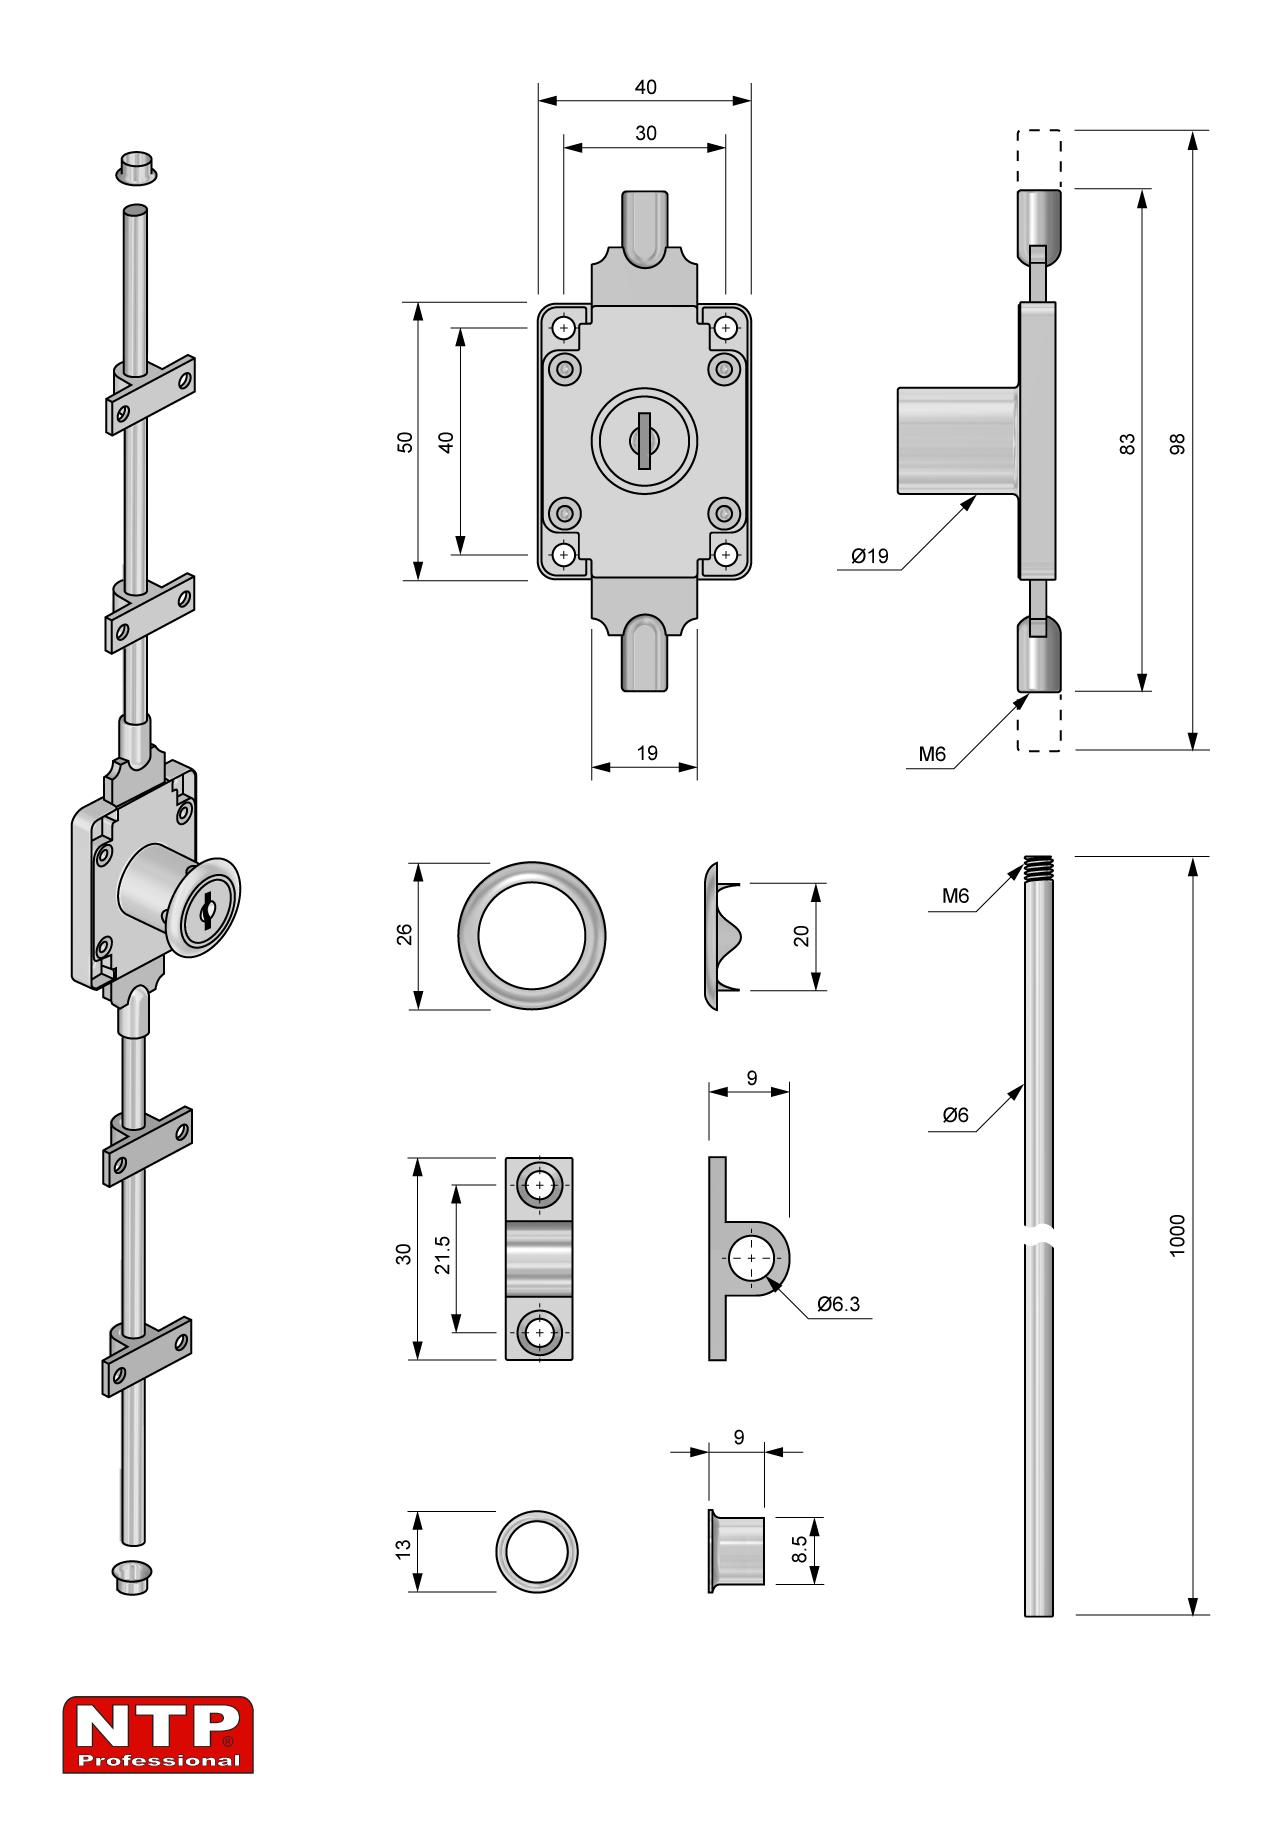 zamek baskwilowy 19x22 rysunek techniczny